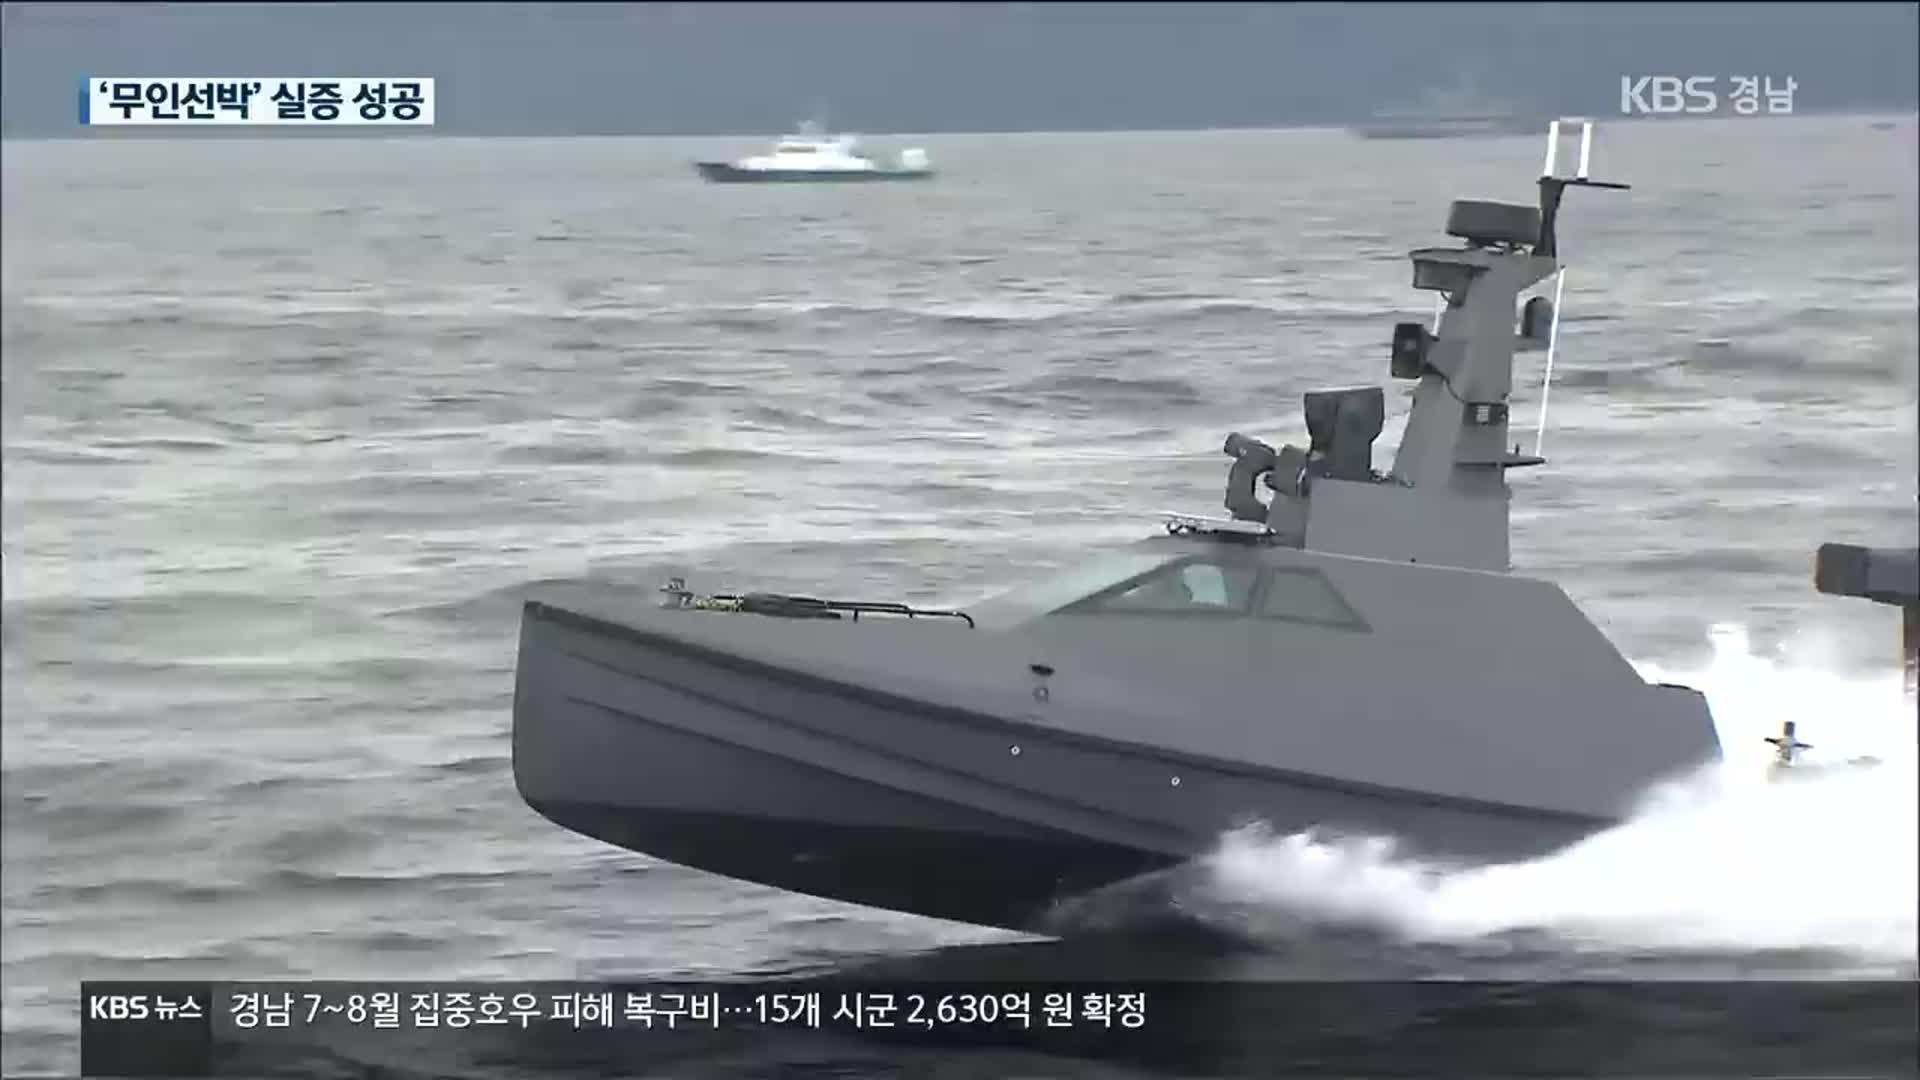 경남 해상에서 무인선박 자율운항 '성공'[토르 토토|태백산? 토토]